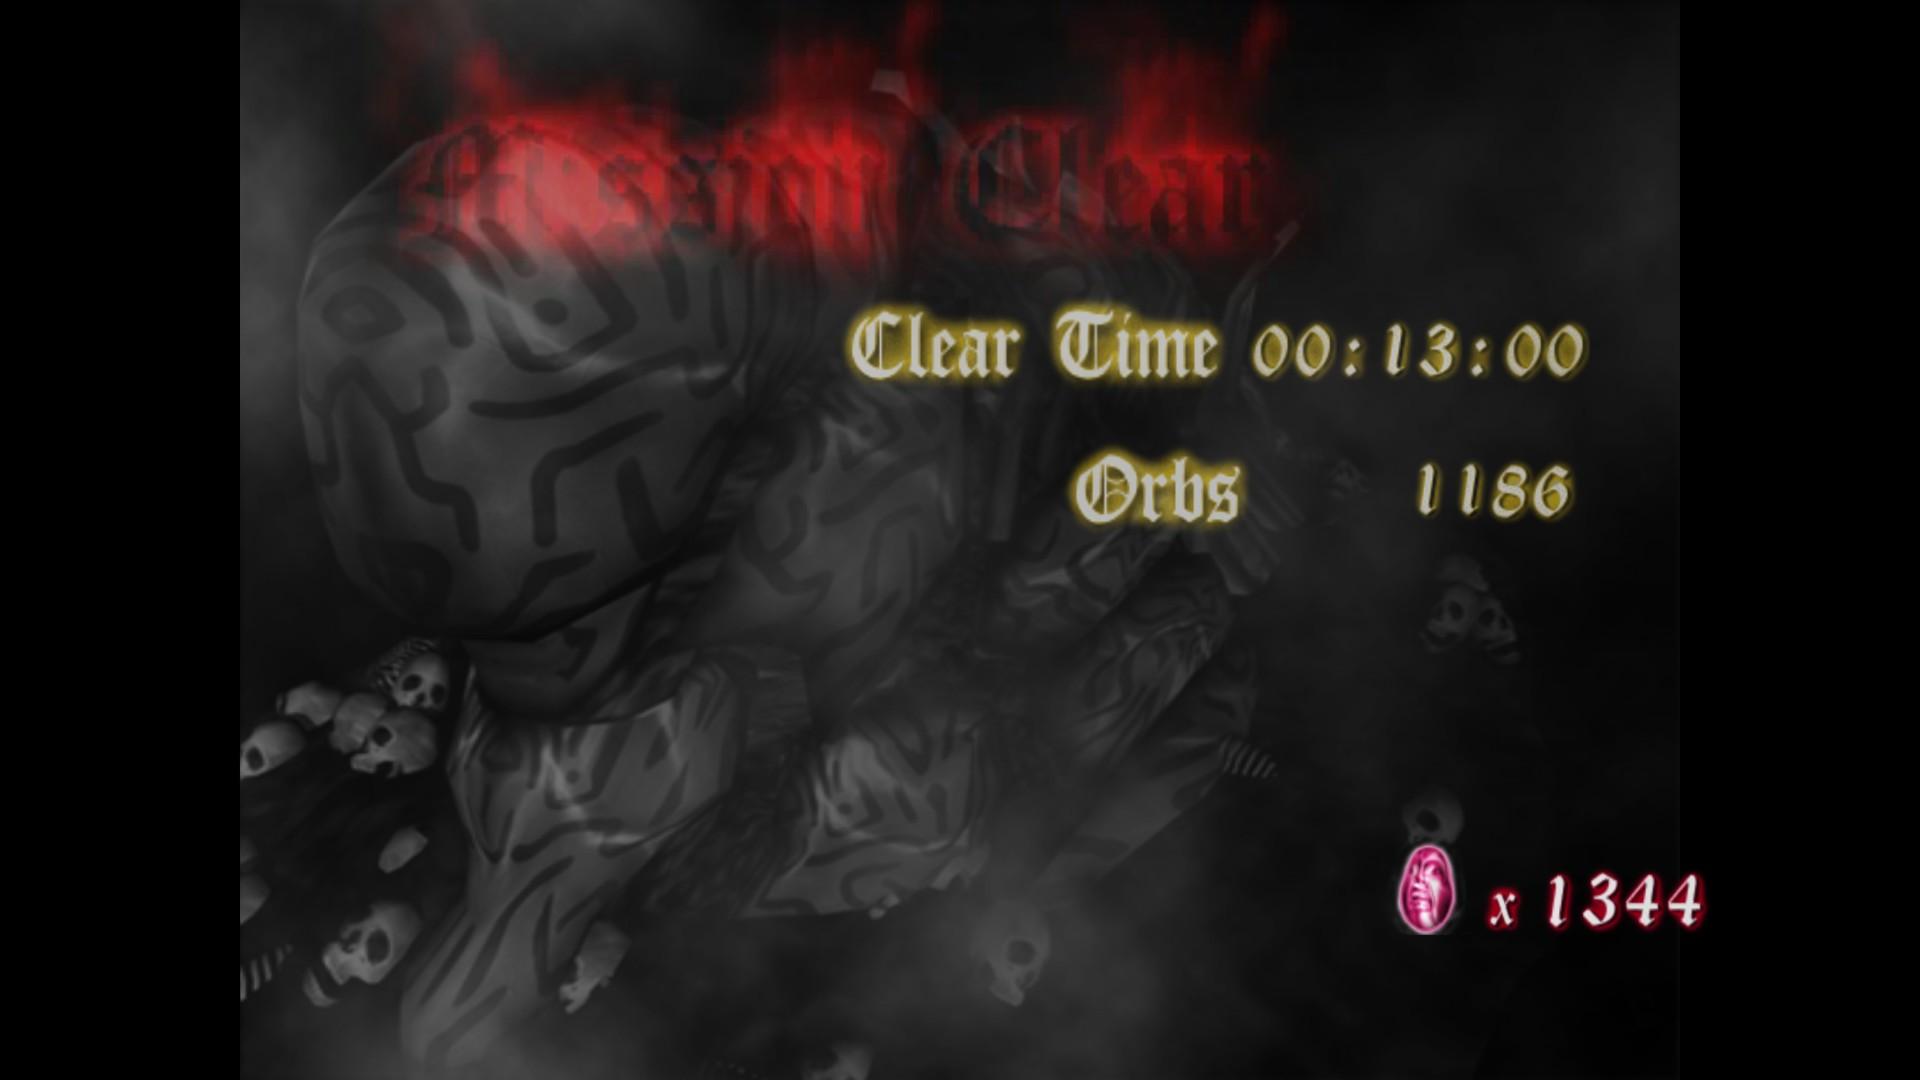 Пост-прохождение Devil May Cry Часть 7. - Изображение 50